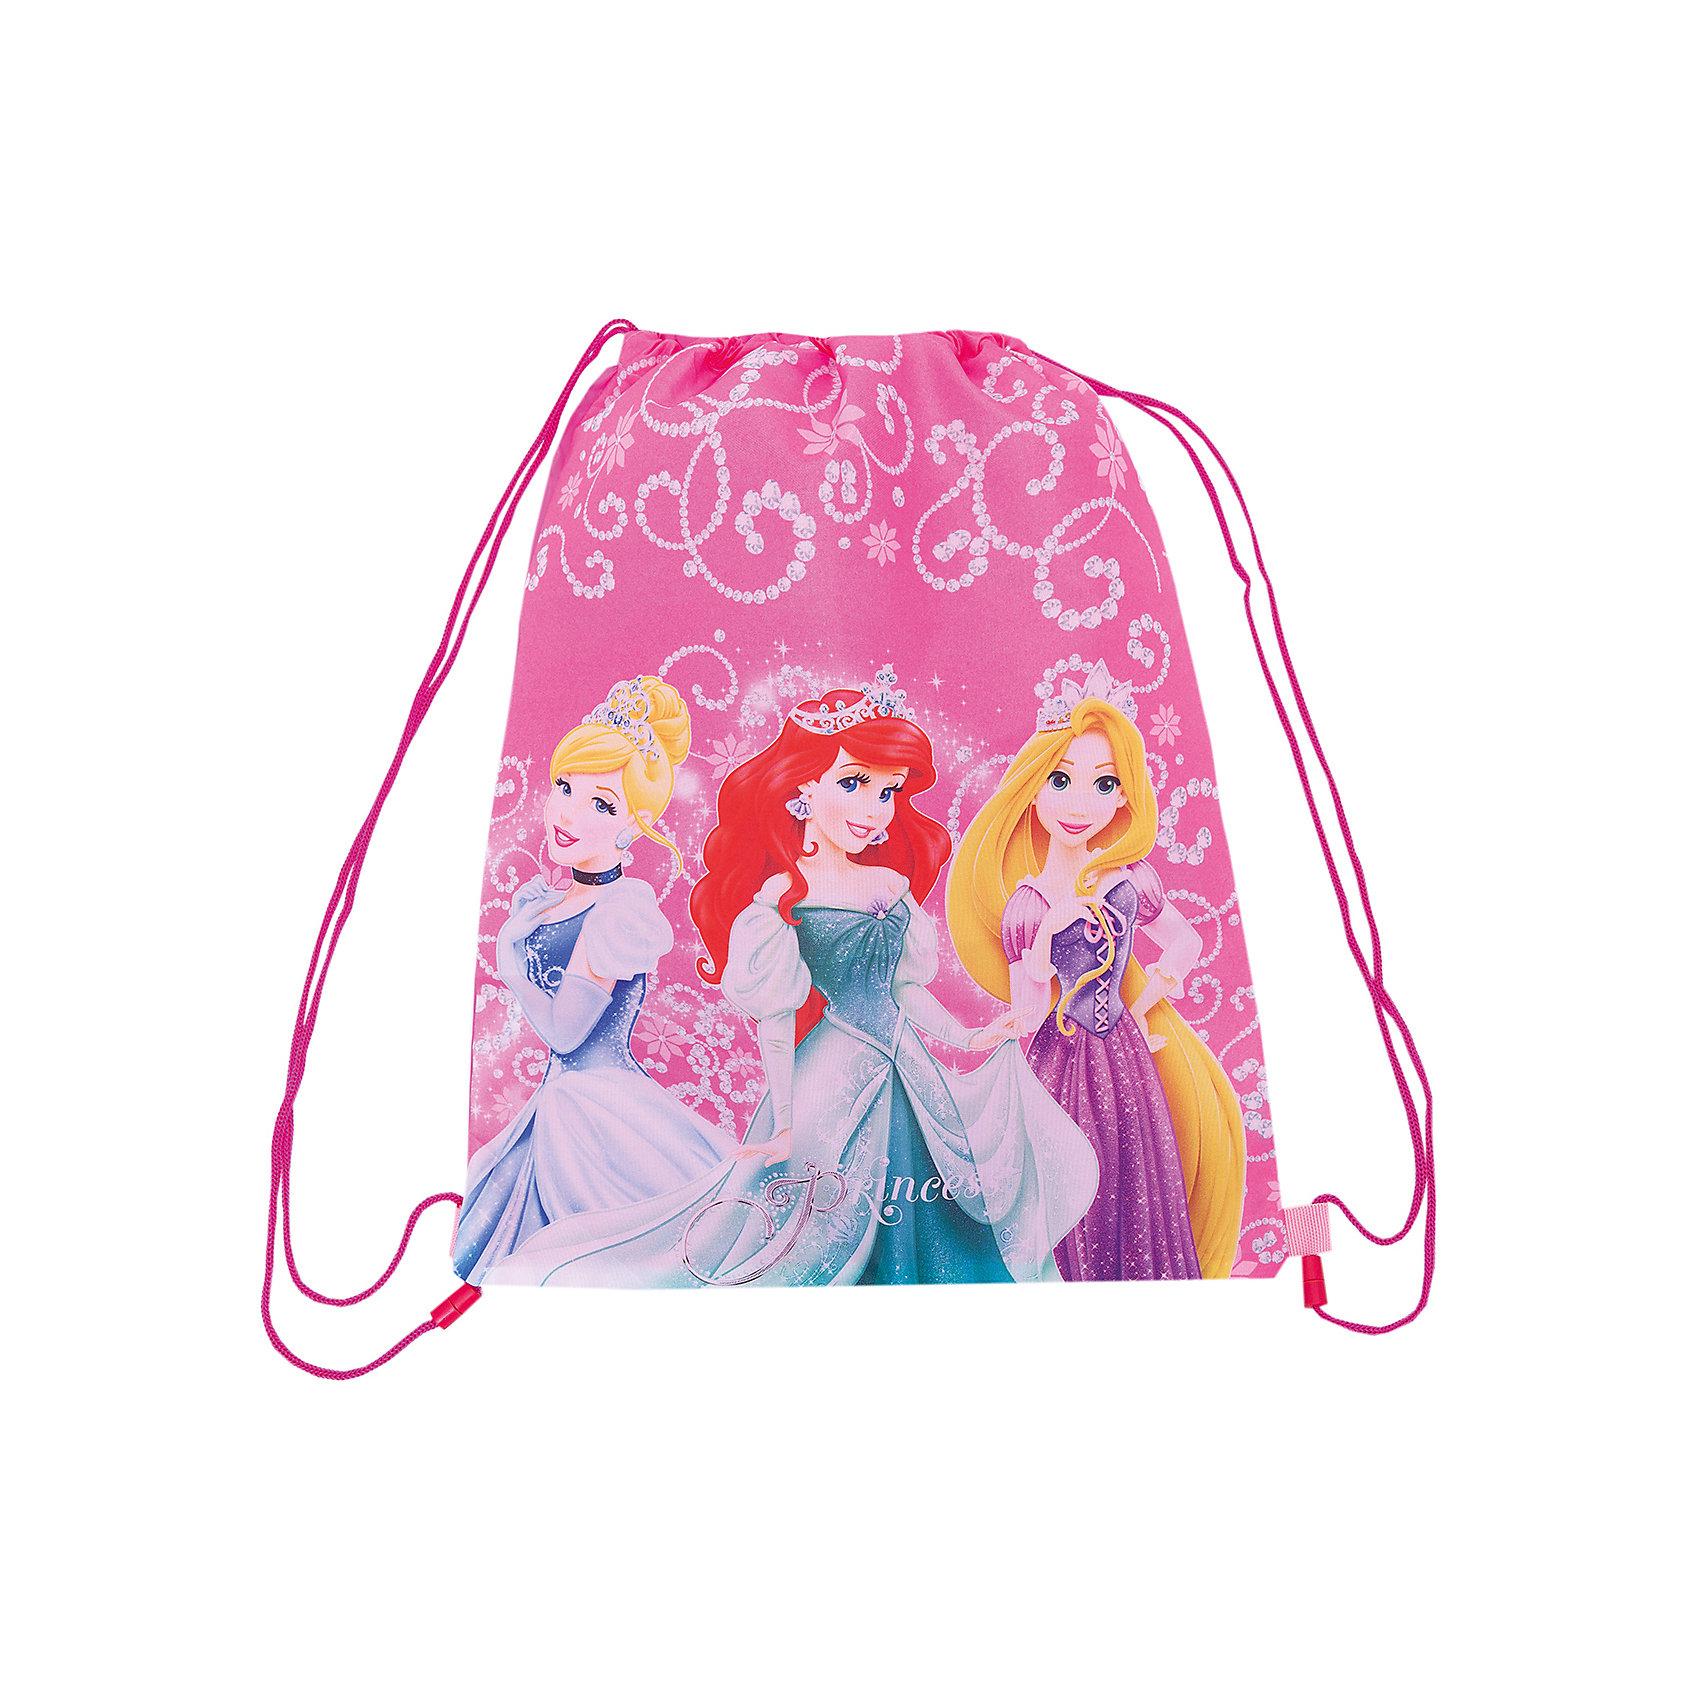 Сумка-рюкзак для обуви, Принцессы ДиснейСумка-рюкзак для обуви, Disney Princess (Принцессы Диснея) – бережно сохранит сменную обувь вашего ребенка от грязи и воды.<br>Если ваш ребенок все время забывает взять с собой на занятия сменную обувь или же упорно не хочет этого делать, приобретите для него сумку-рюкзак для обуви, Disney Princess. Такое изделие сразу же решит возникшую проблему, ведь это не простой и скучный пакет, а собственная аккуратная сумочка. Теперь ребенок ни за что не забудет свою обувь дома и с радостью отправится на занятия в школу или в секцию. Небольшая сумка-рюкзак для обуви с дополнительным карманом очень удобная, затягивается по бокам специальными шнурками, которые используются в качестве лямок, имеет одно отделение. Ее можно носить на спине как рюкзак. В сложенном виде занимает мало места. Изготовлена сумка-рюкзак из плотной ткани.<br><br>Дополнительная информация:<br><br>- Материал: износоустойчивый полиэстер<br>- Размер: 43х34 см.<br><br>Сумку-рюкзак для обуви, Disney Princess (Принцессы Диснея) можно купить в нашем интернет-магазине.<br><br>Ширина мм: 350<br>Глубина мм: 350<br>Высота мм: 20<br>Вес г: 500<br>Возраст от месяцев: 48<br>Возраст до месяцев: 84<br>Пол: Женский<br>Возраст: Детский<br>SKU: 3563280